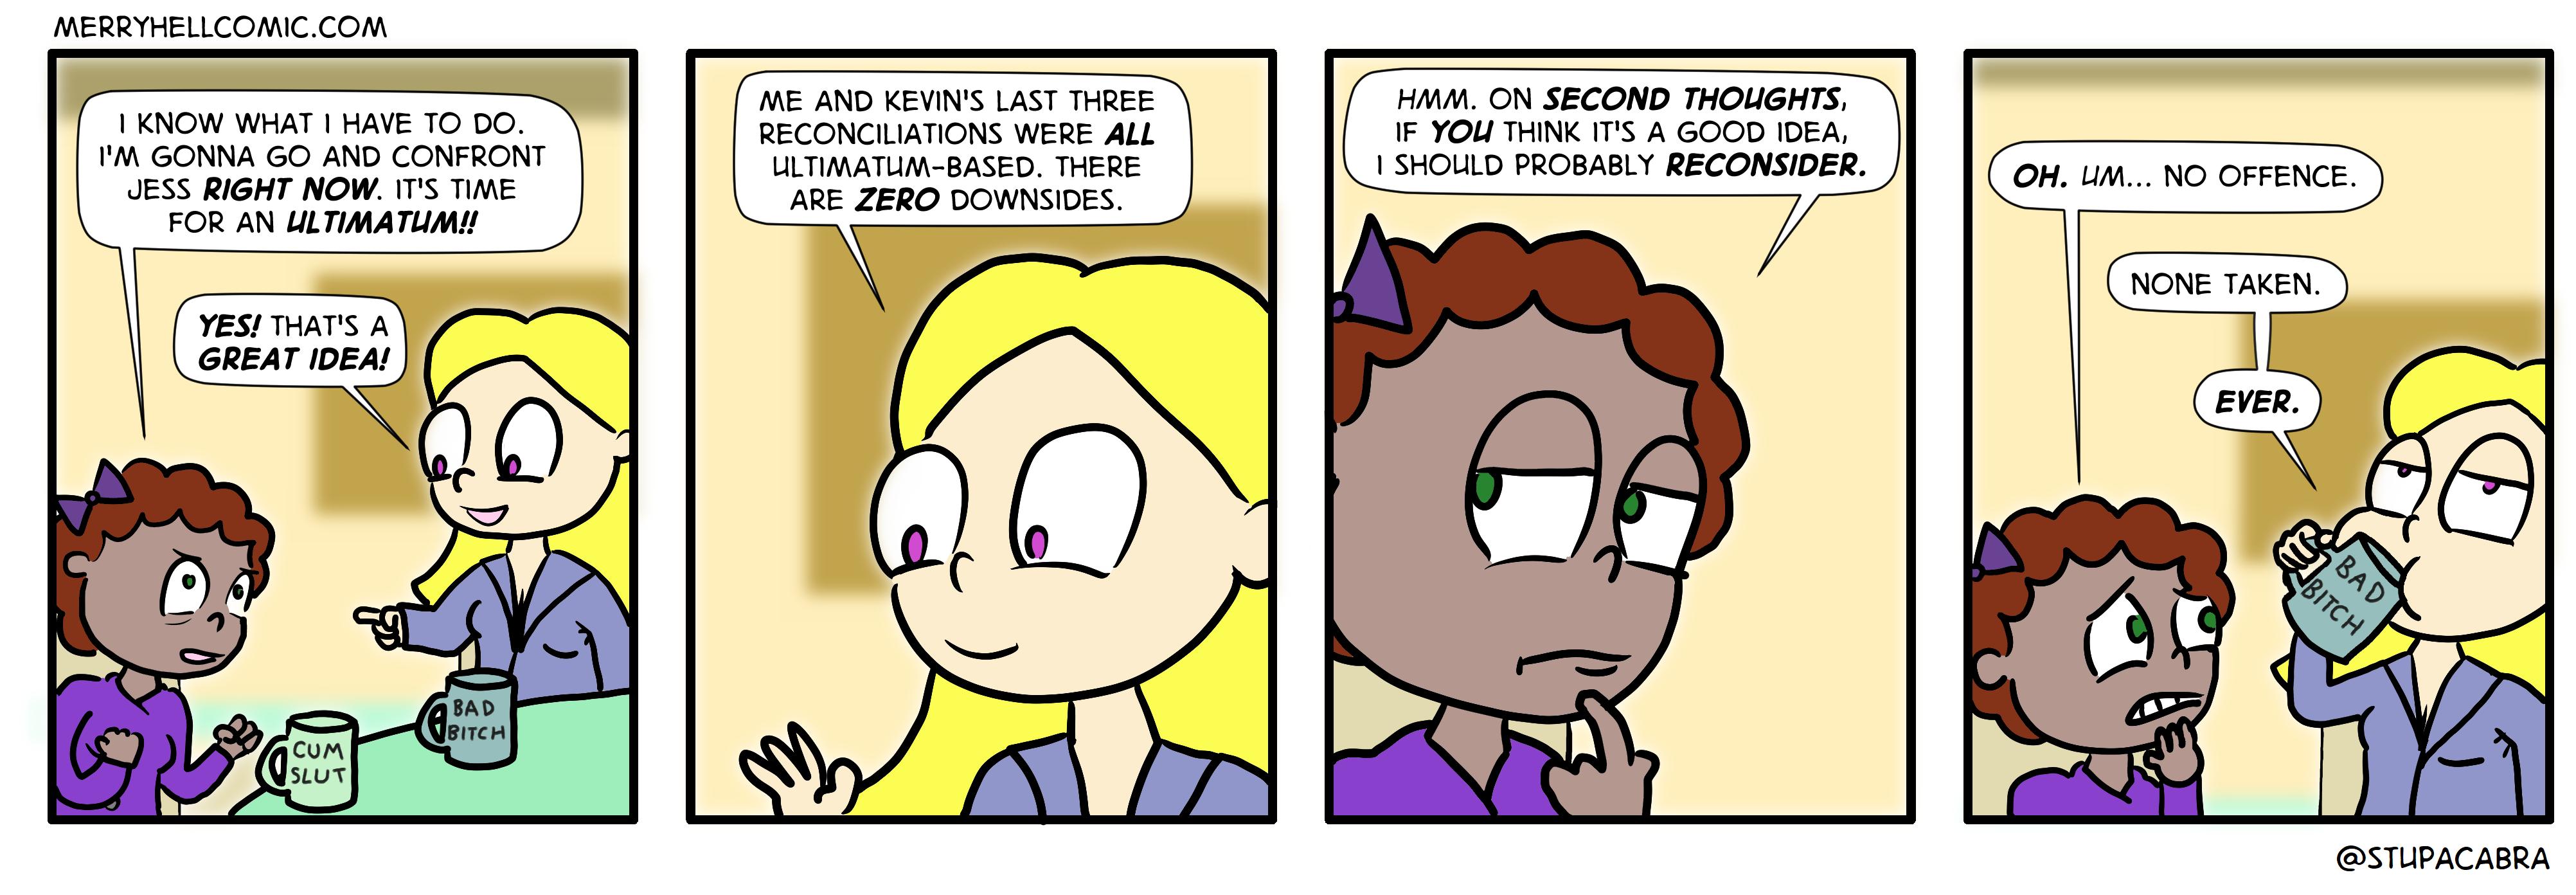 456. Ultimatum